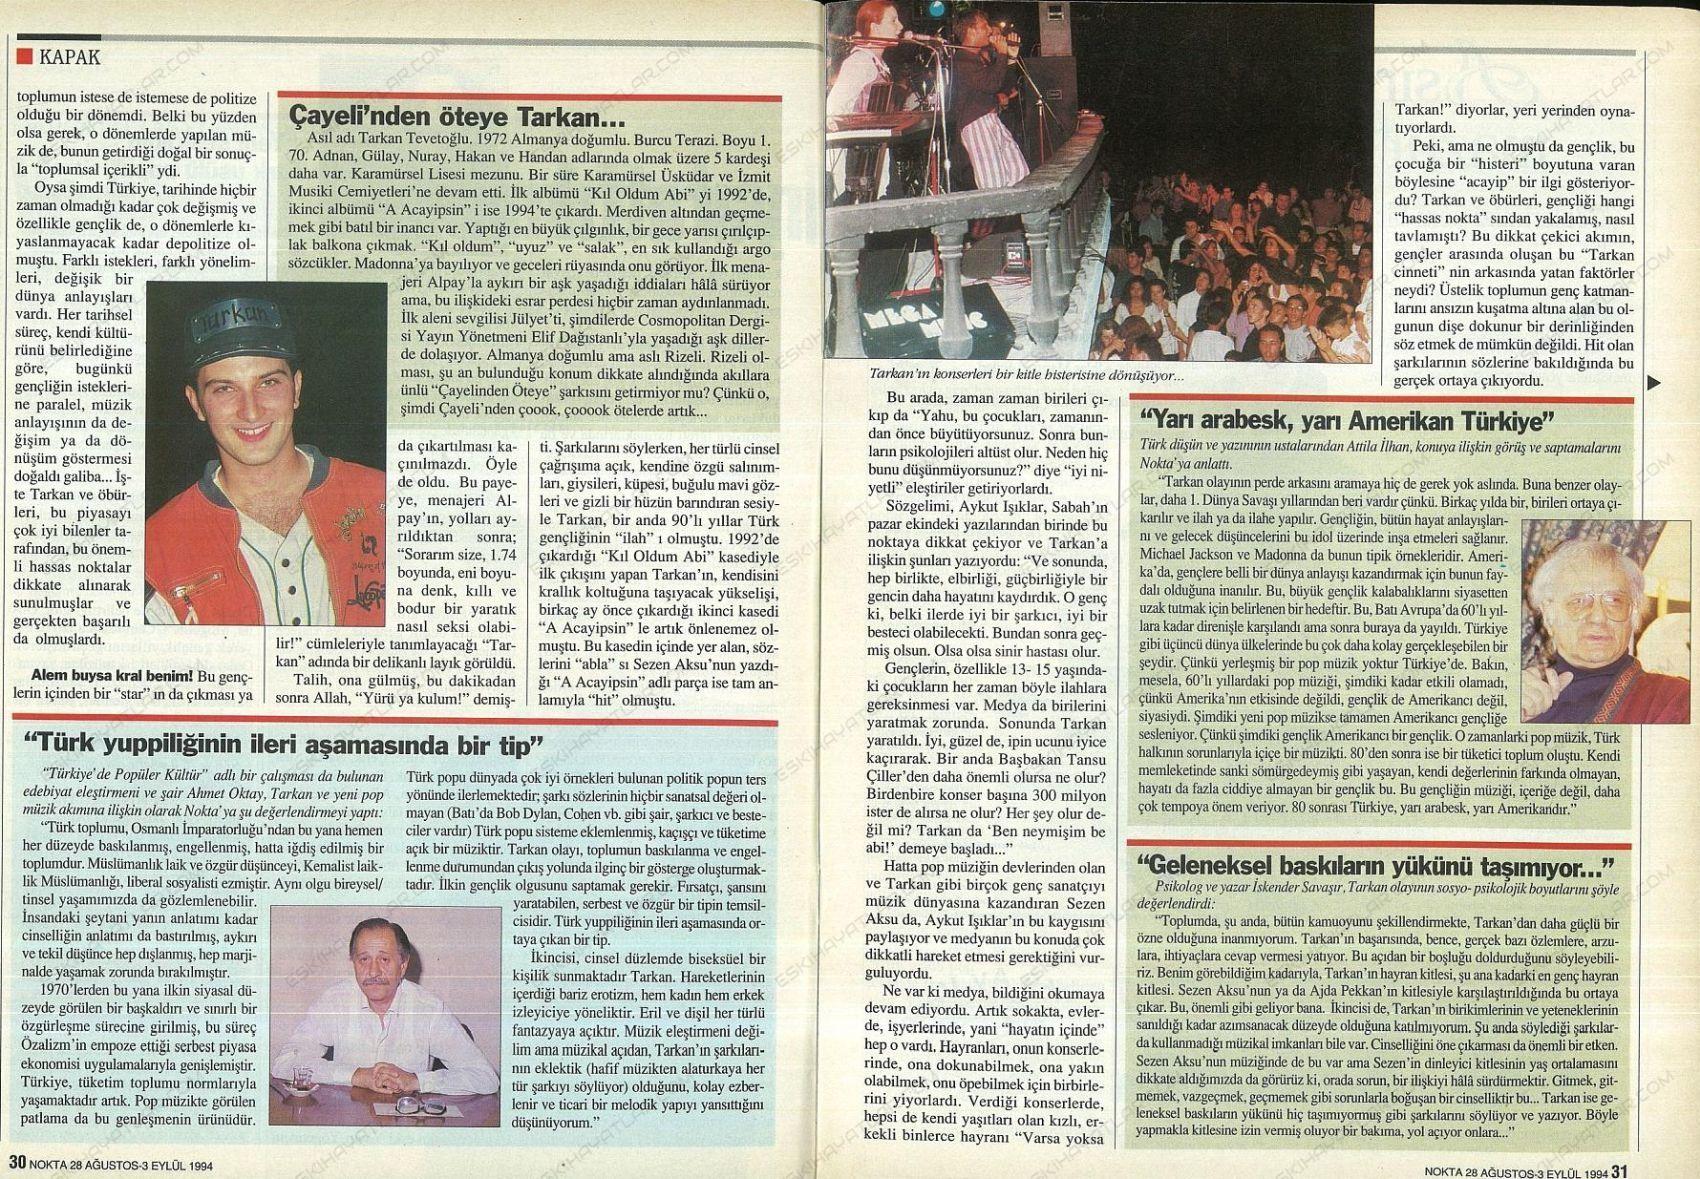 0146-tarkan-tevetoglu-1994-aacayipsin-albumu-nokta-dergisi-yine-sensiz-albumu-doksanlarda-kaset-satin-almak (11)